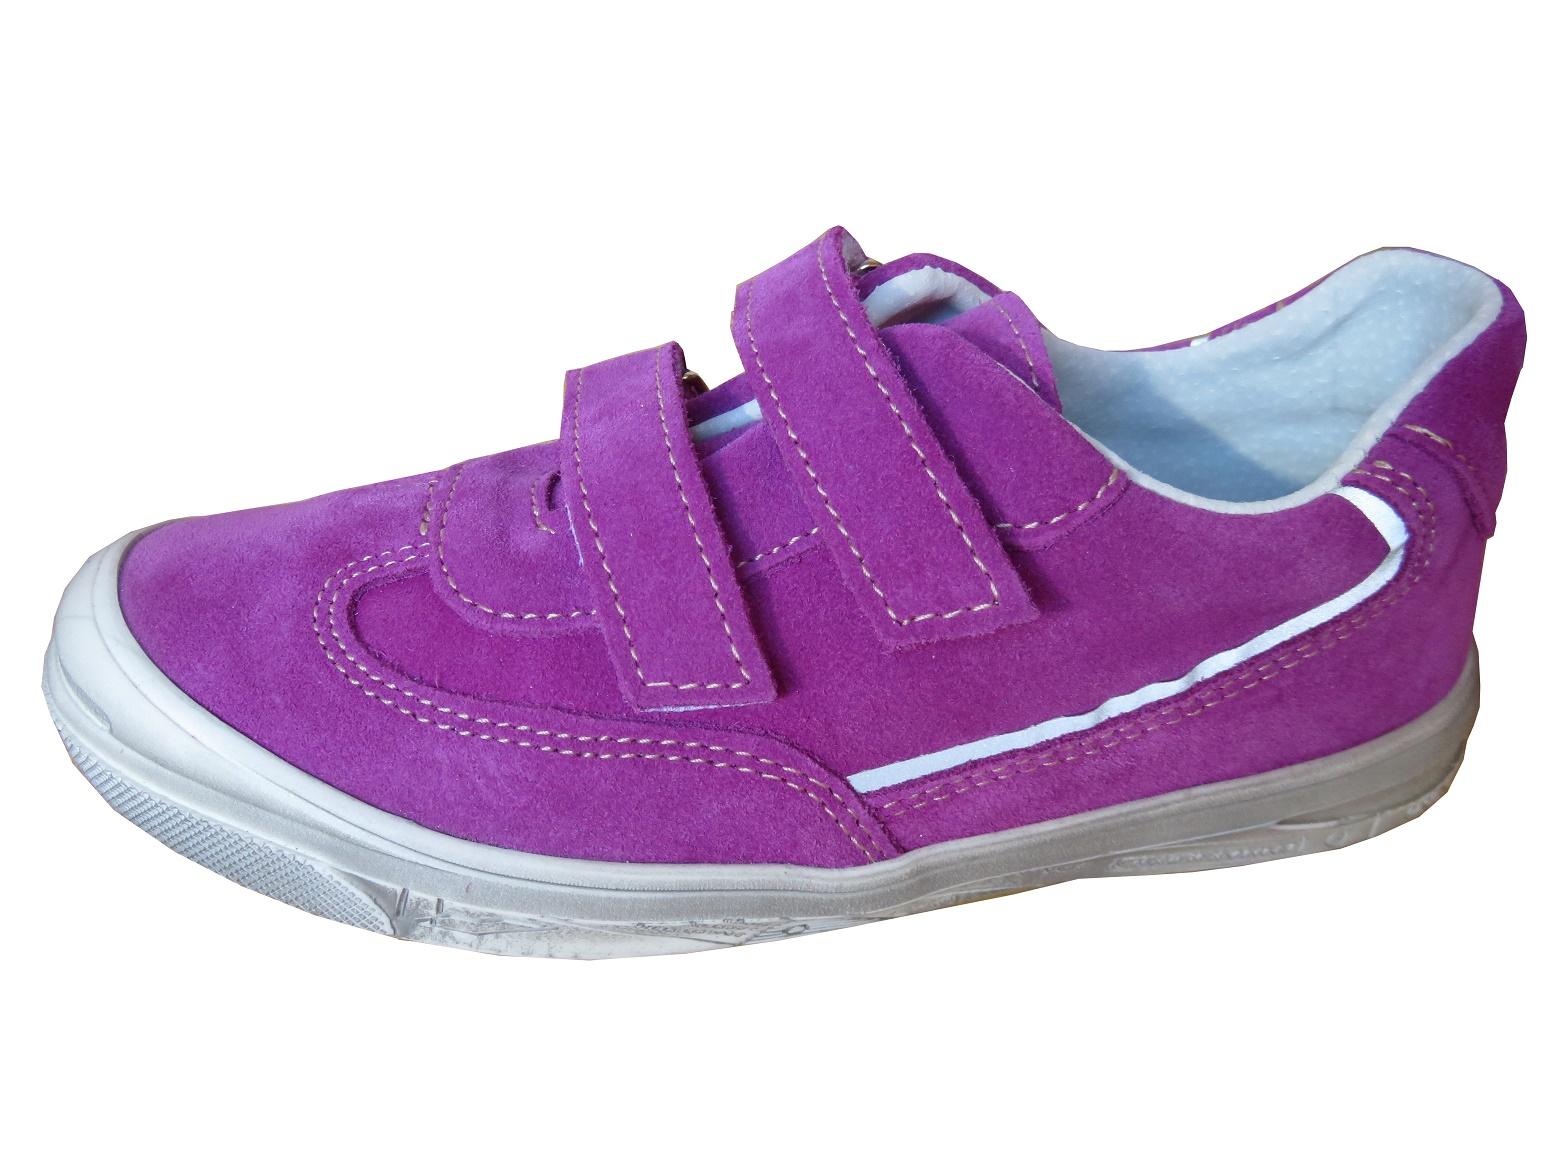 Dětské celoroční boty Jonap 023 fialové Velikost: 28 (EU)